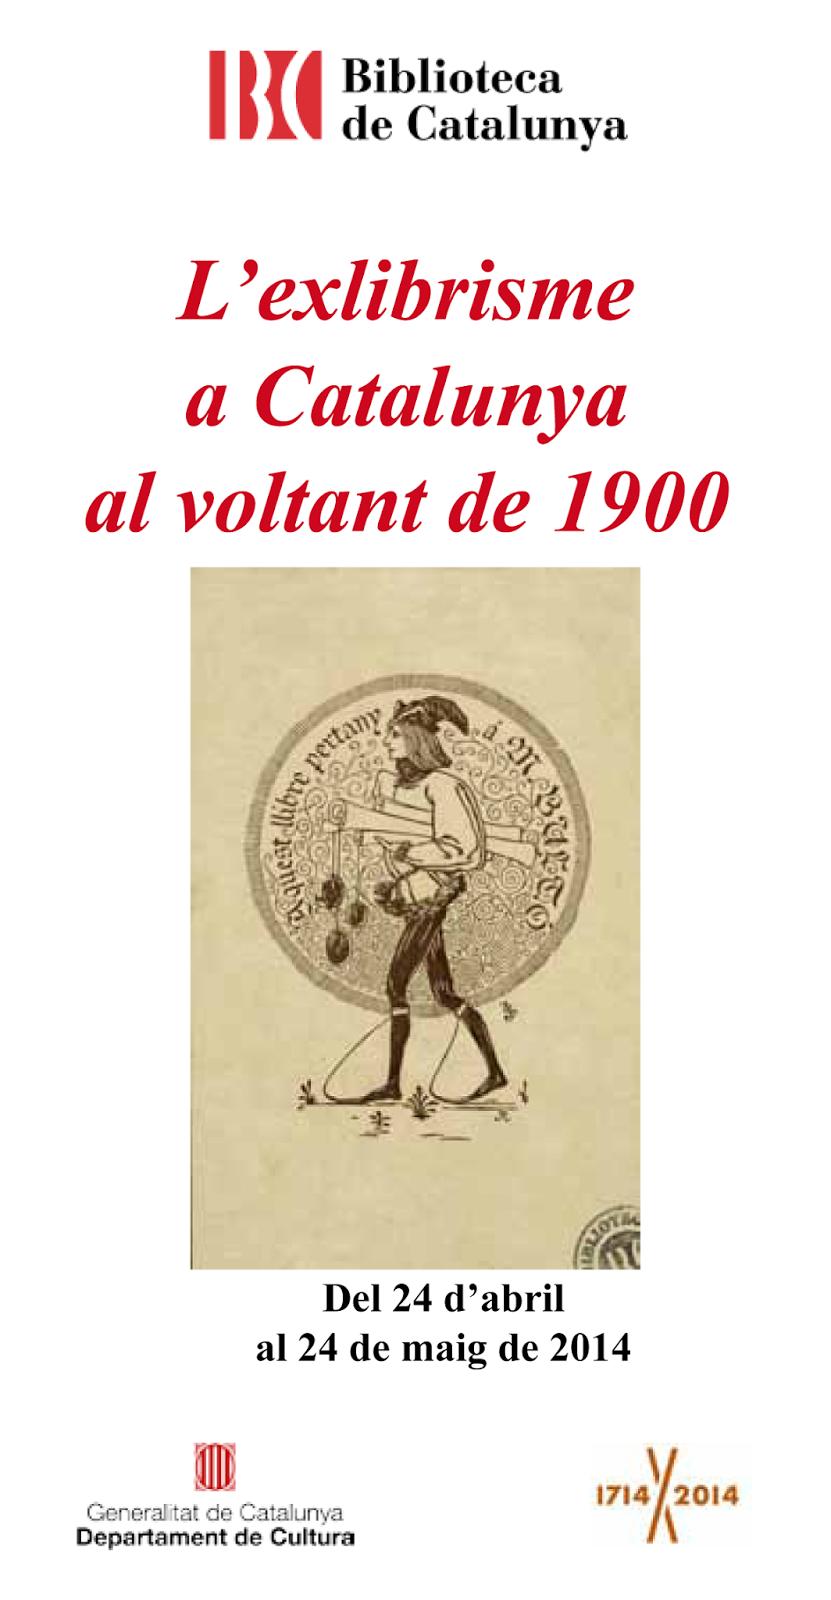 http://www.bnc.cat/Visita-ns/Exposicions/L-exlibrisme-a-Catalunya-al-voltant-de-1900